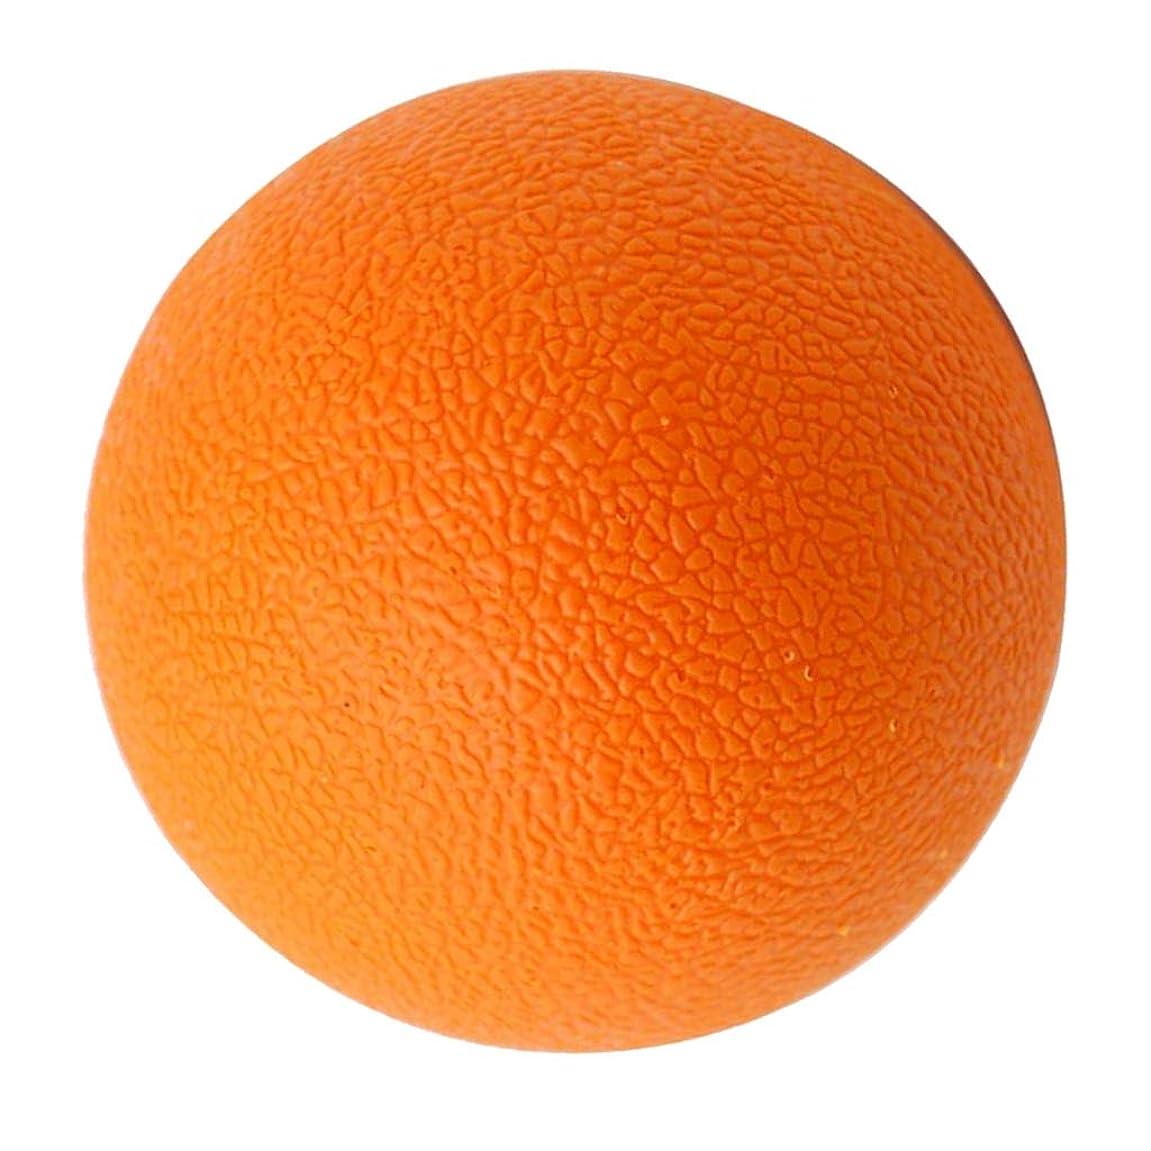 静かなおばあさん前にCUTICATE ラクロスボール マッサージボール トリガーポイント 筋膜リリース 腕、首、背中 解消 オレンジ